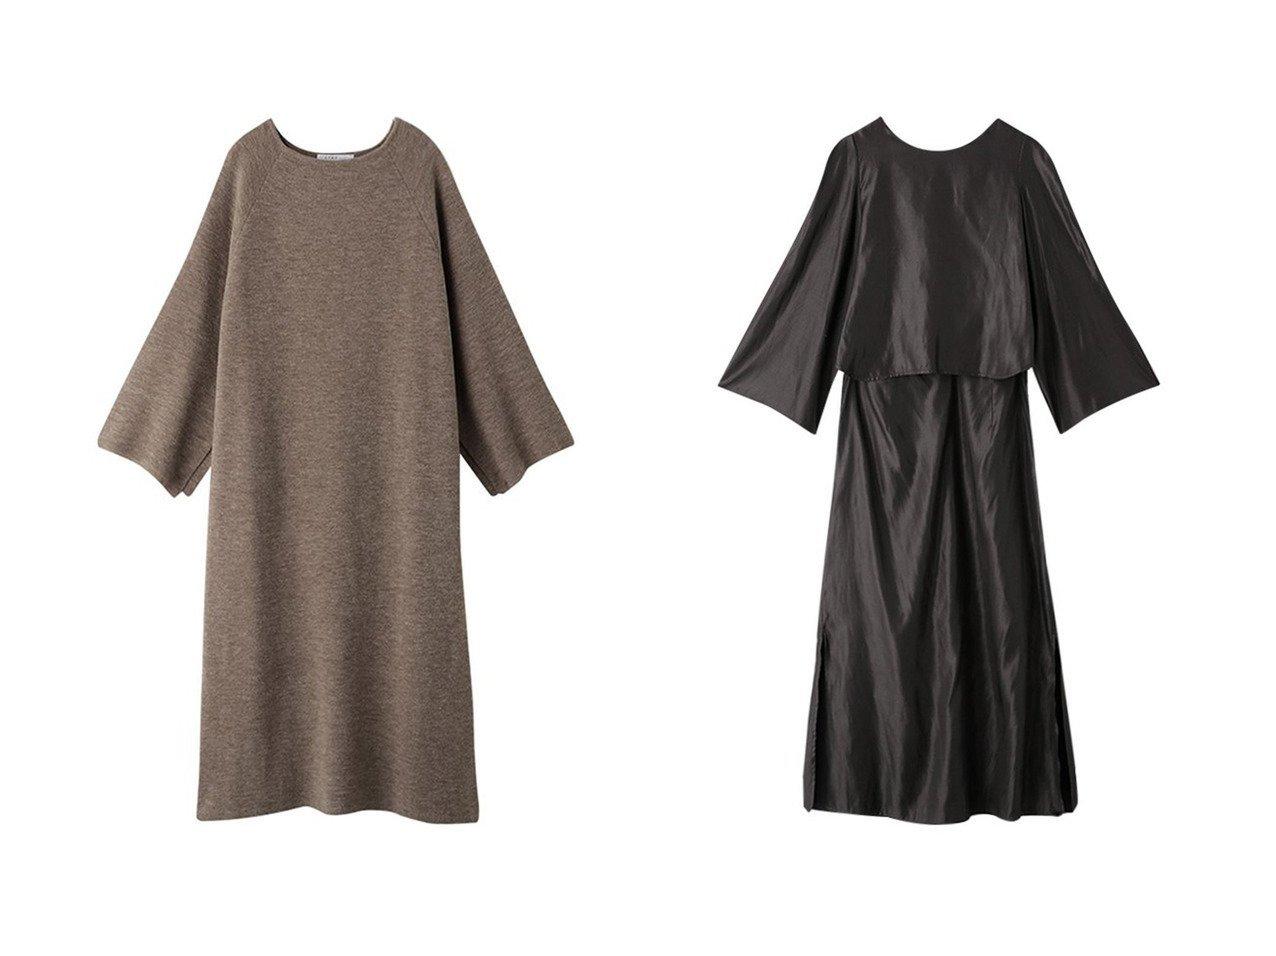 【ETRE TOKYO/エトレトウキョウ】のモールニットラグランスリーブワンピース&バックオープンフレアロングドレス ワンピース・ドレスのおすすめ!人気、トレンド・レディースファッションの通販 おすすめで人気の流行・トレンド、ファッションの通販商品 メンズファッション・キッズファッション・インテリア・家具・レディースファッション・服の通販 founy(ファニー) https://founy.com/ ファッション Fashion レディースファッション WOMEN ワンピース Dress ドレス Party Dresses スリット スリーブ ロング 冬 Winter カッティング サテン セットアップ フレア フロント  ID:crp329100000011929